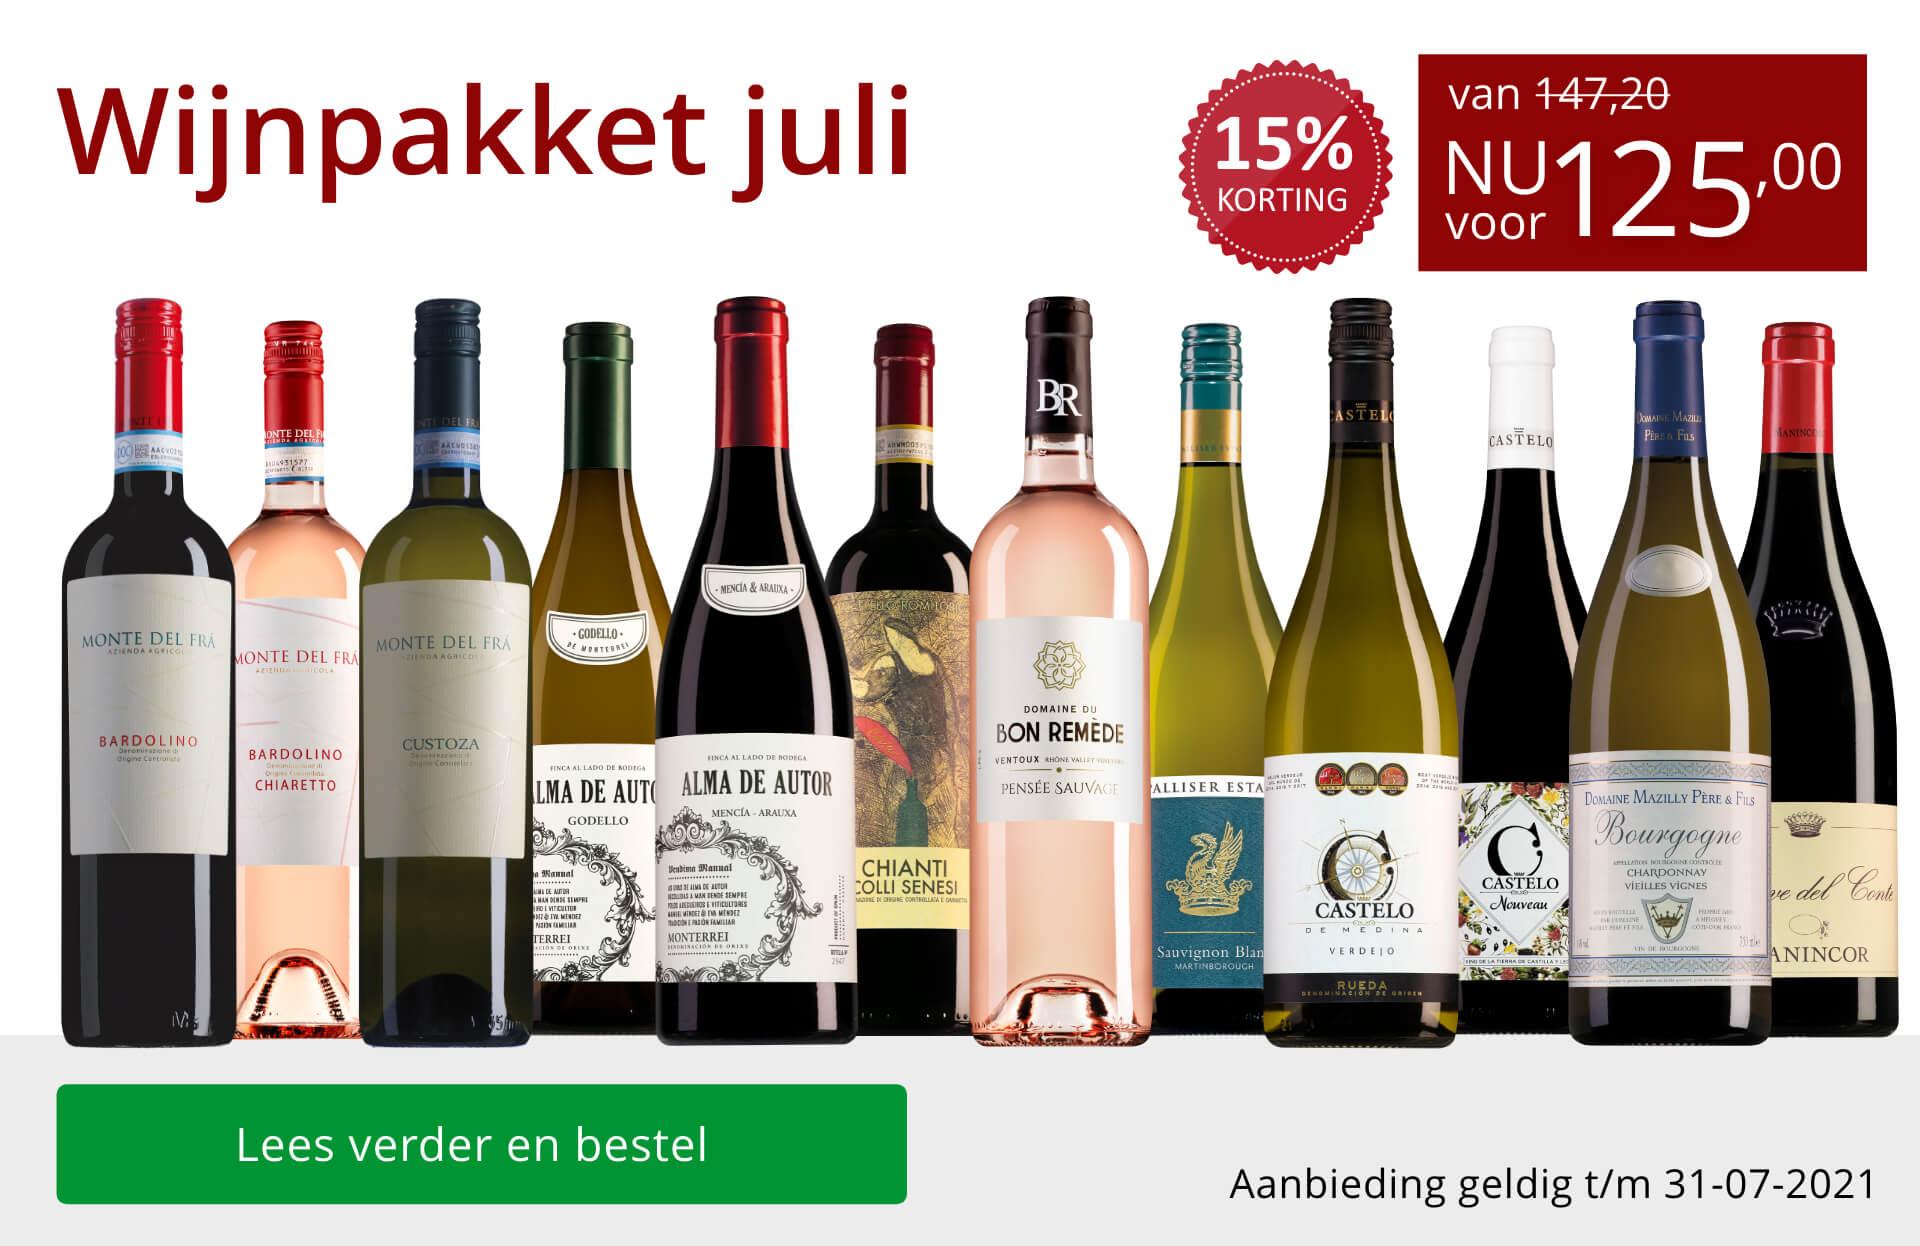 Wijnpakket wijnbericht juli 2021(125,00) - rood